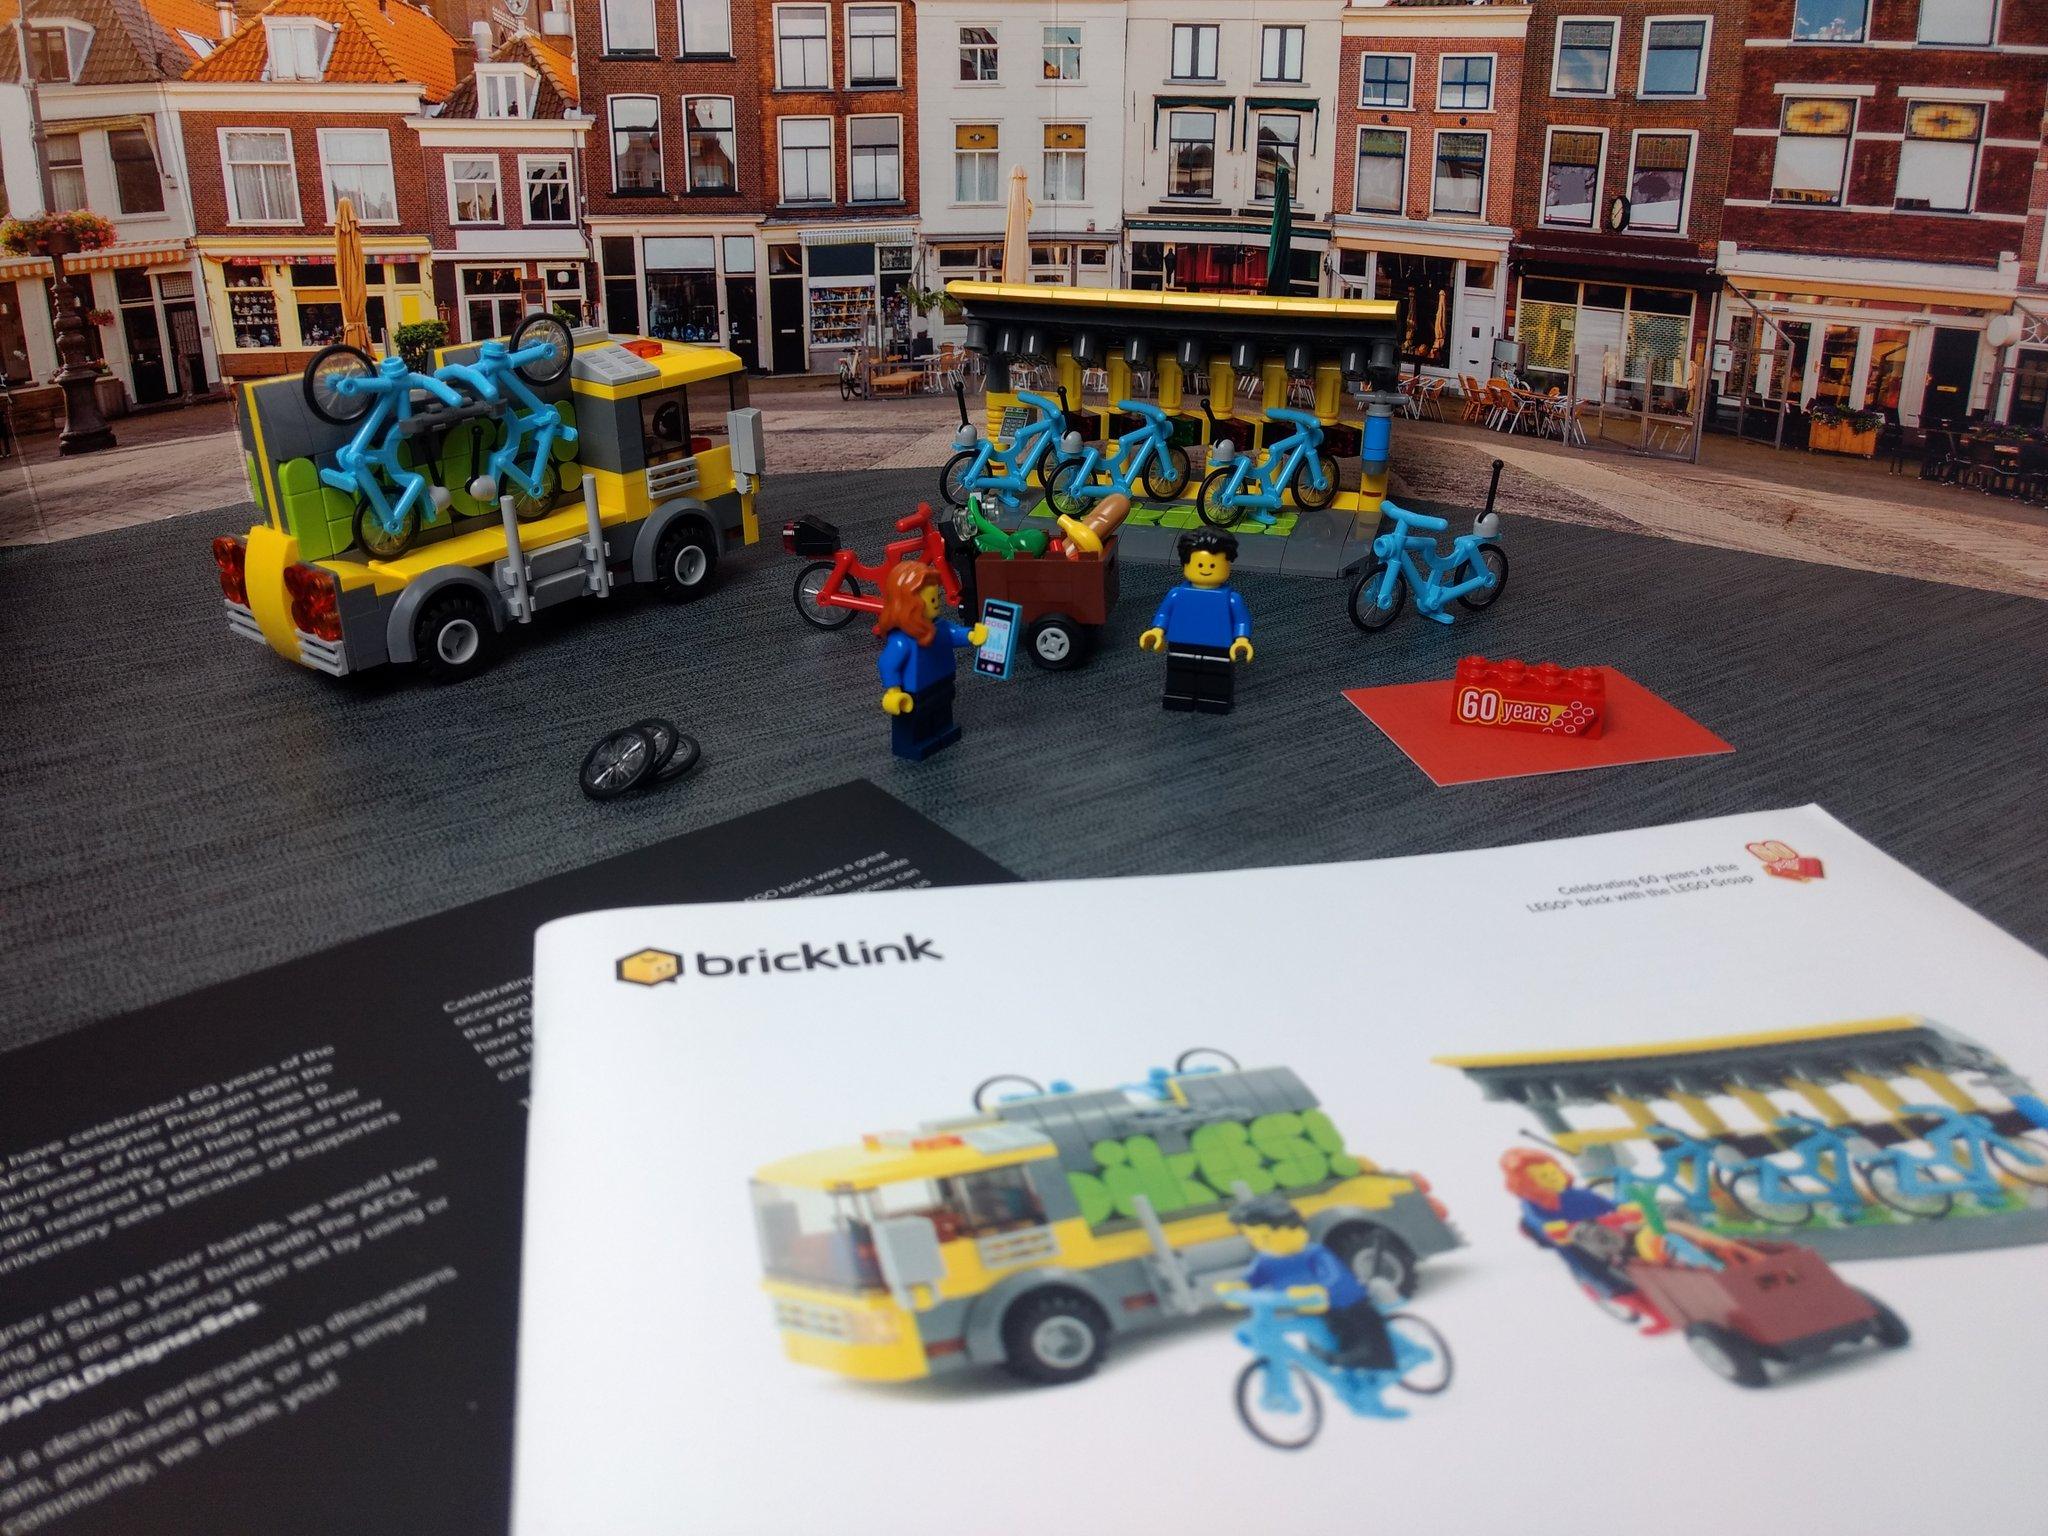 bricklink_bikes_whole_set zusammengebaut.com